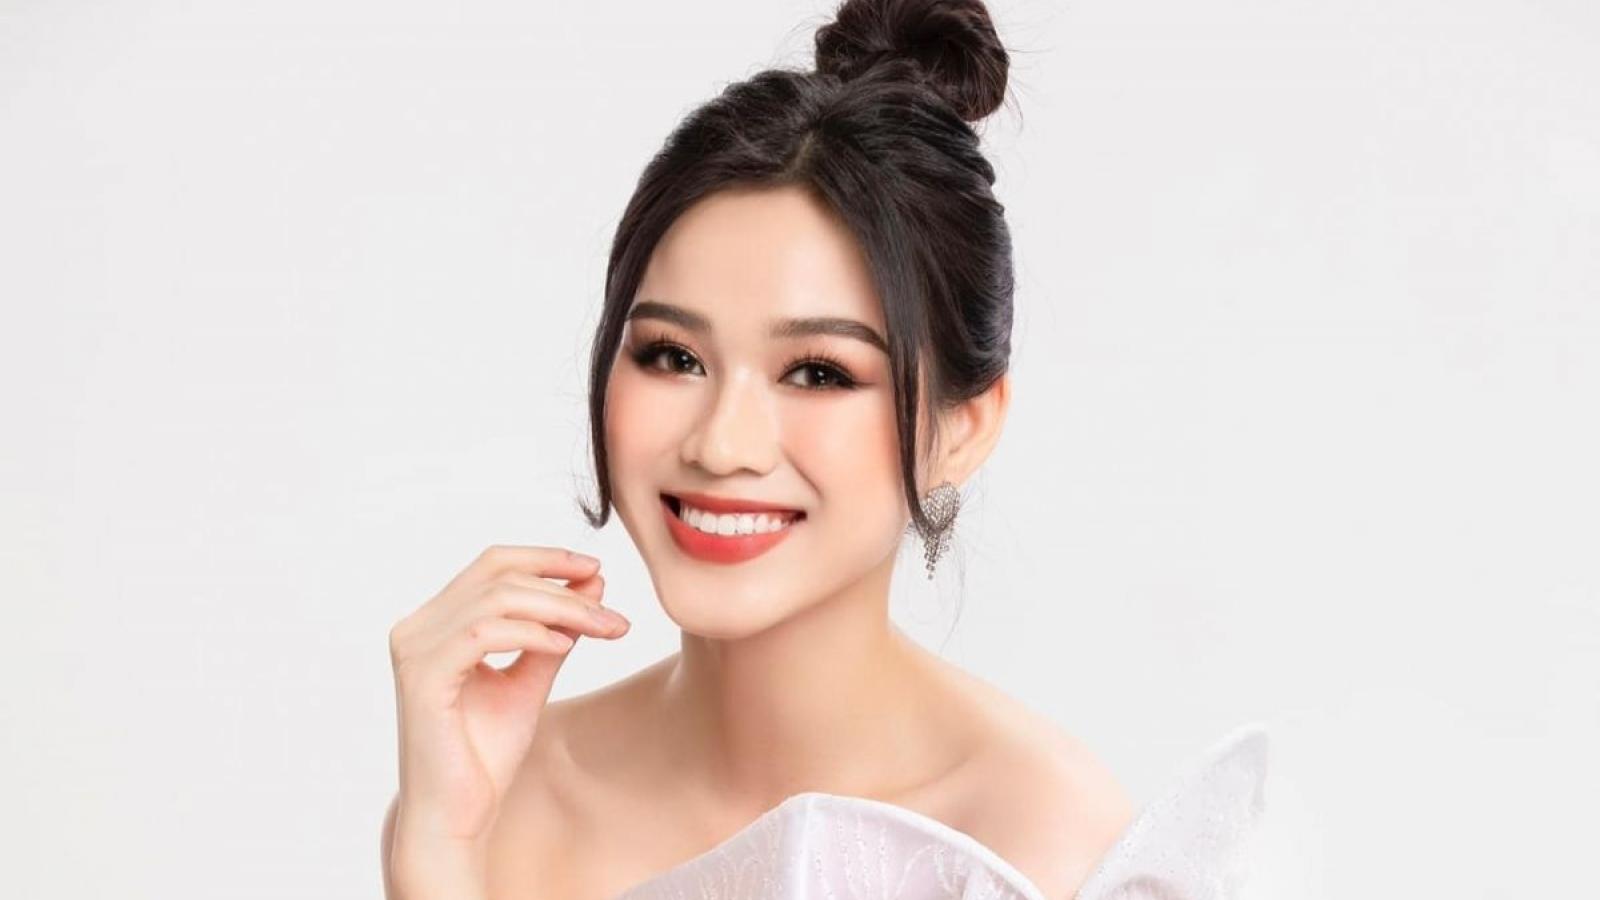 Chuyện showbiz: Hoa hậu Đỗ Thị Hà trổ tài tự make-up xinh đẹp tại nhà